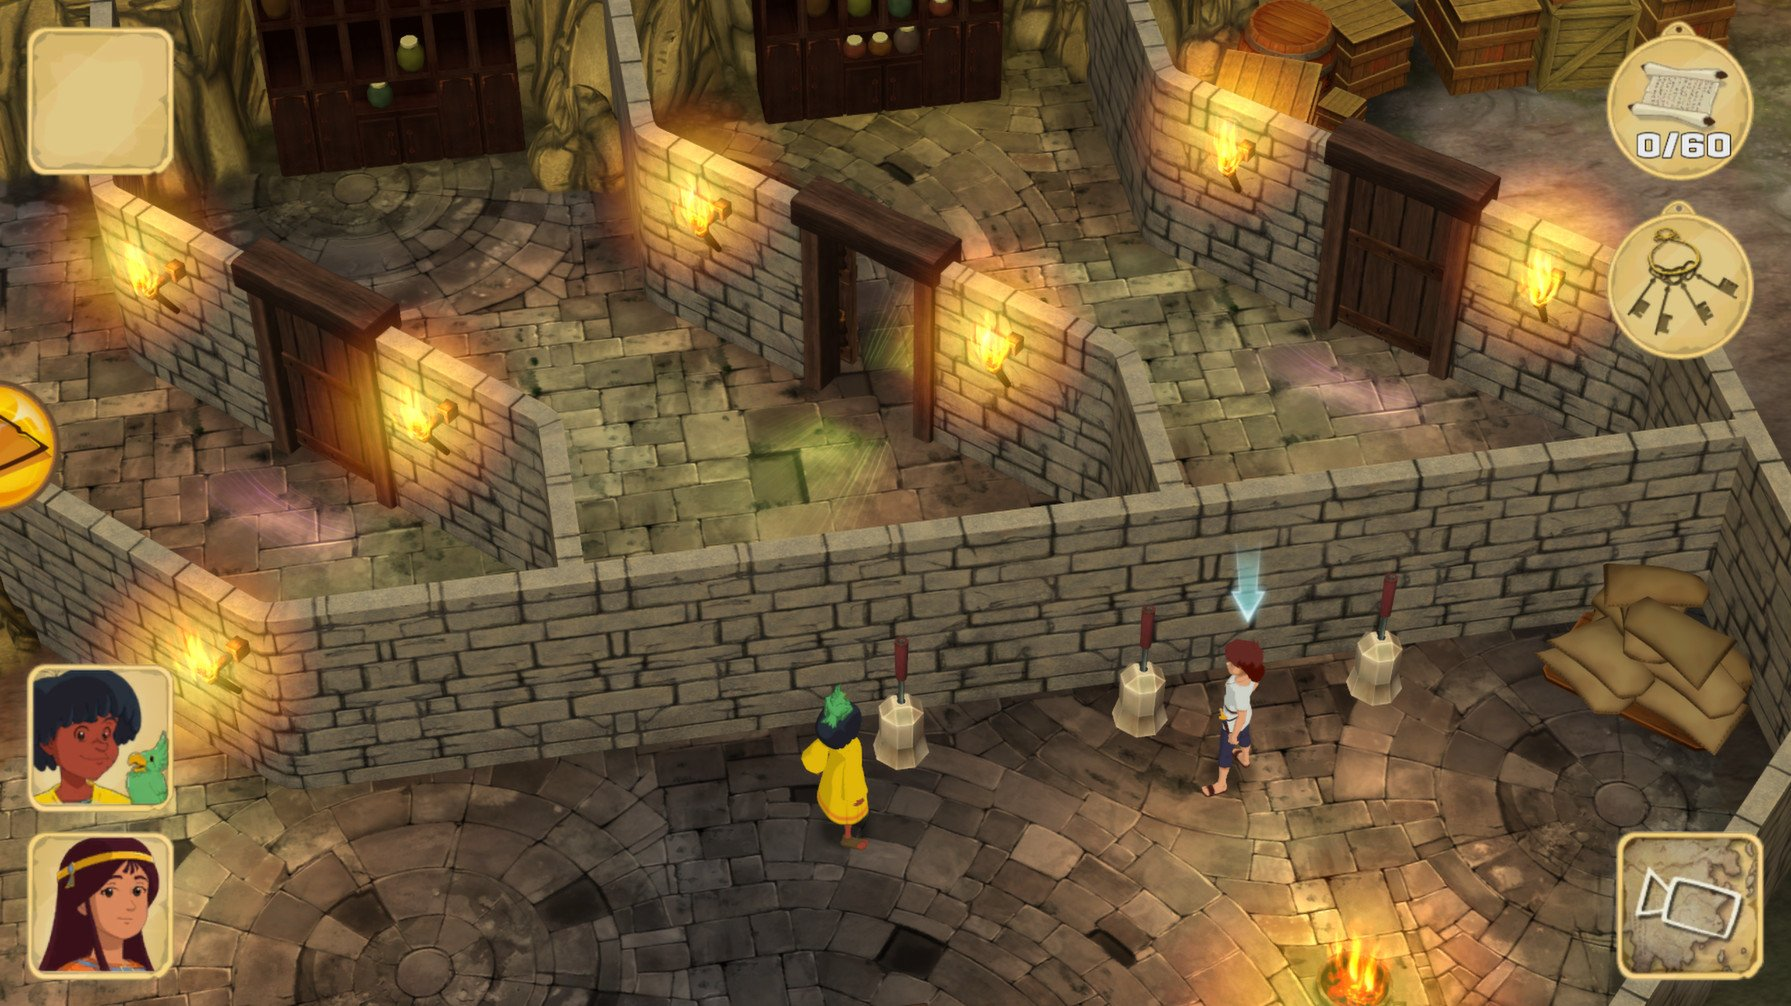 تحميل لعبة مدن الذهب للكمبيوتر كاملة مجانا